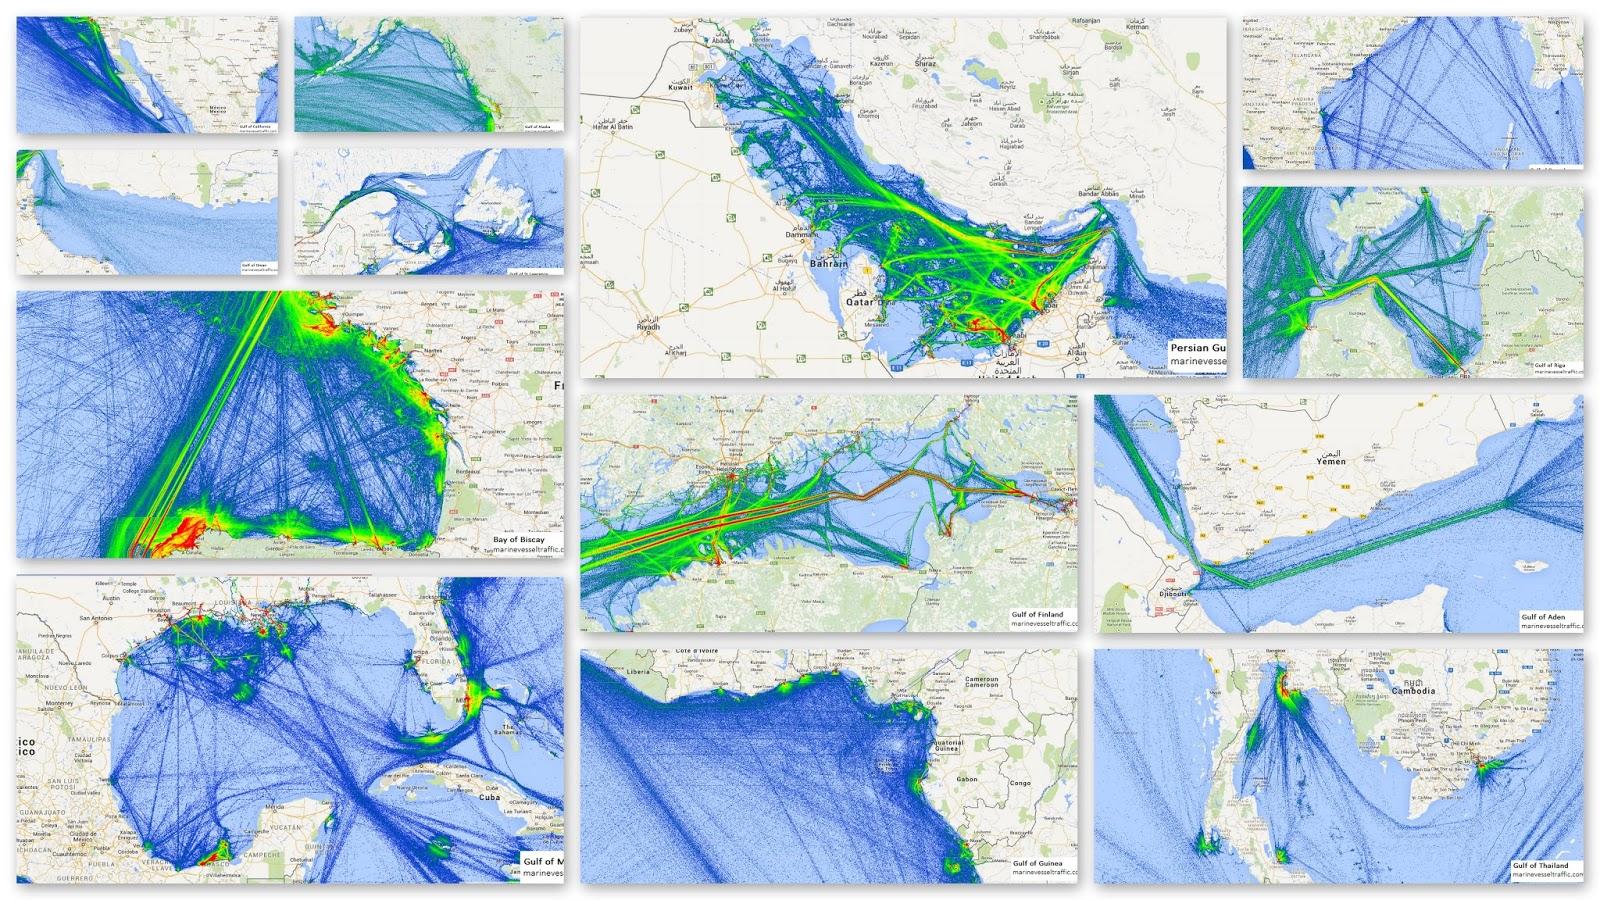 Gulfs and Bays